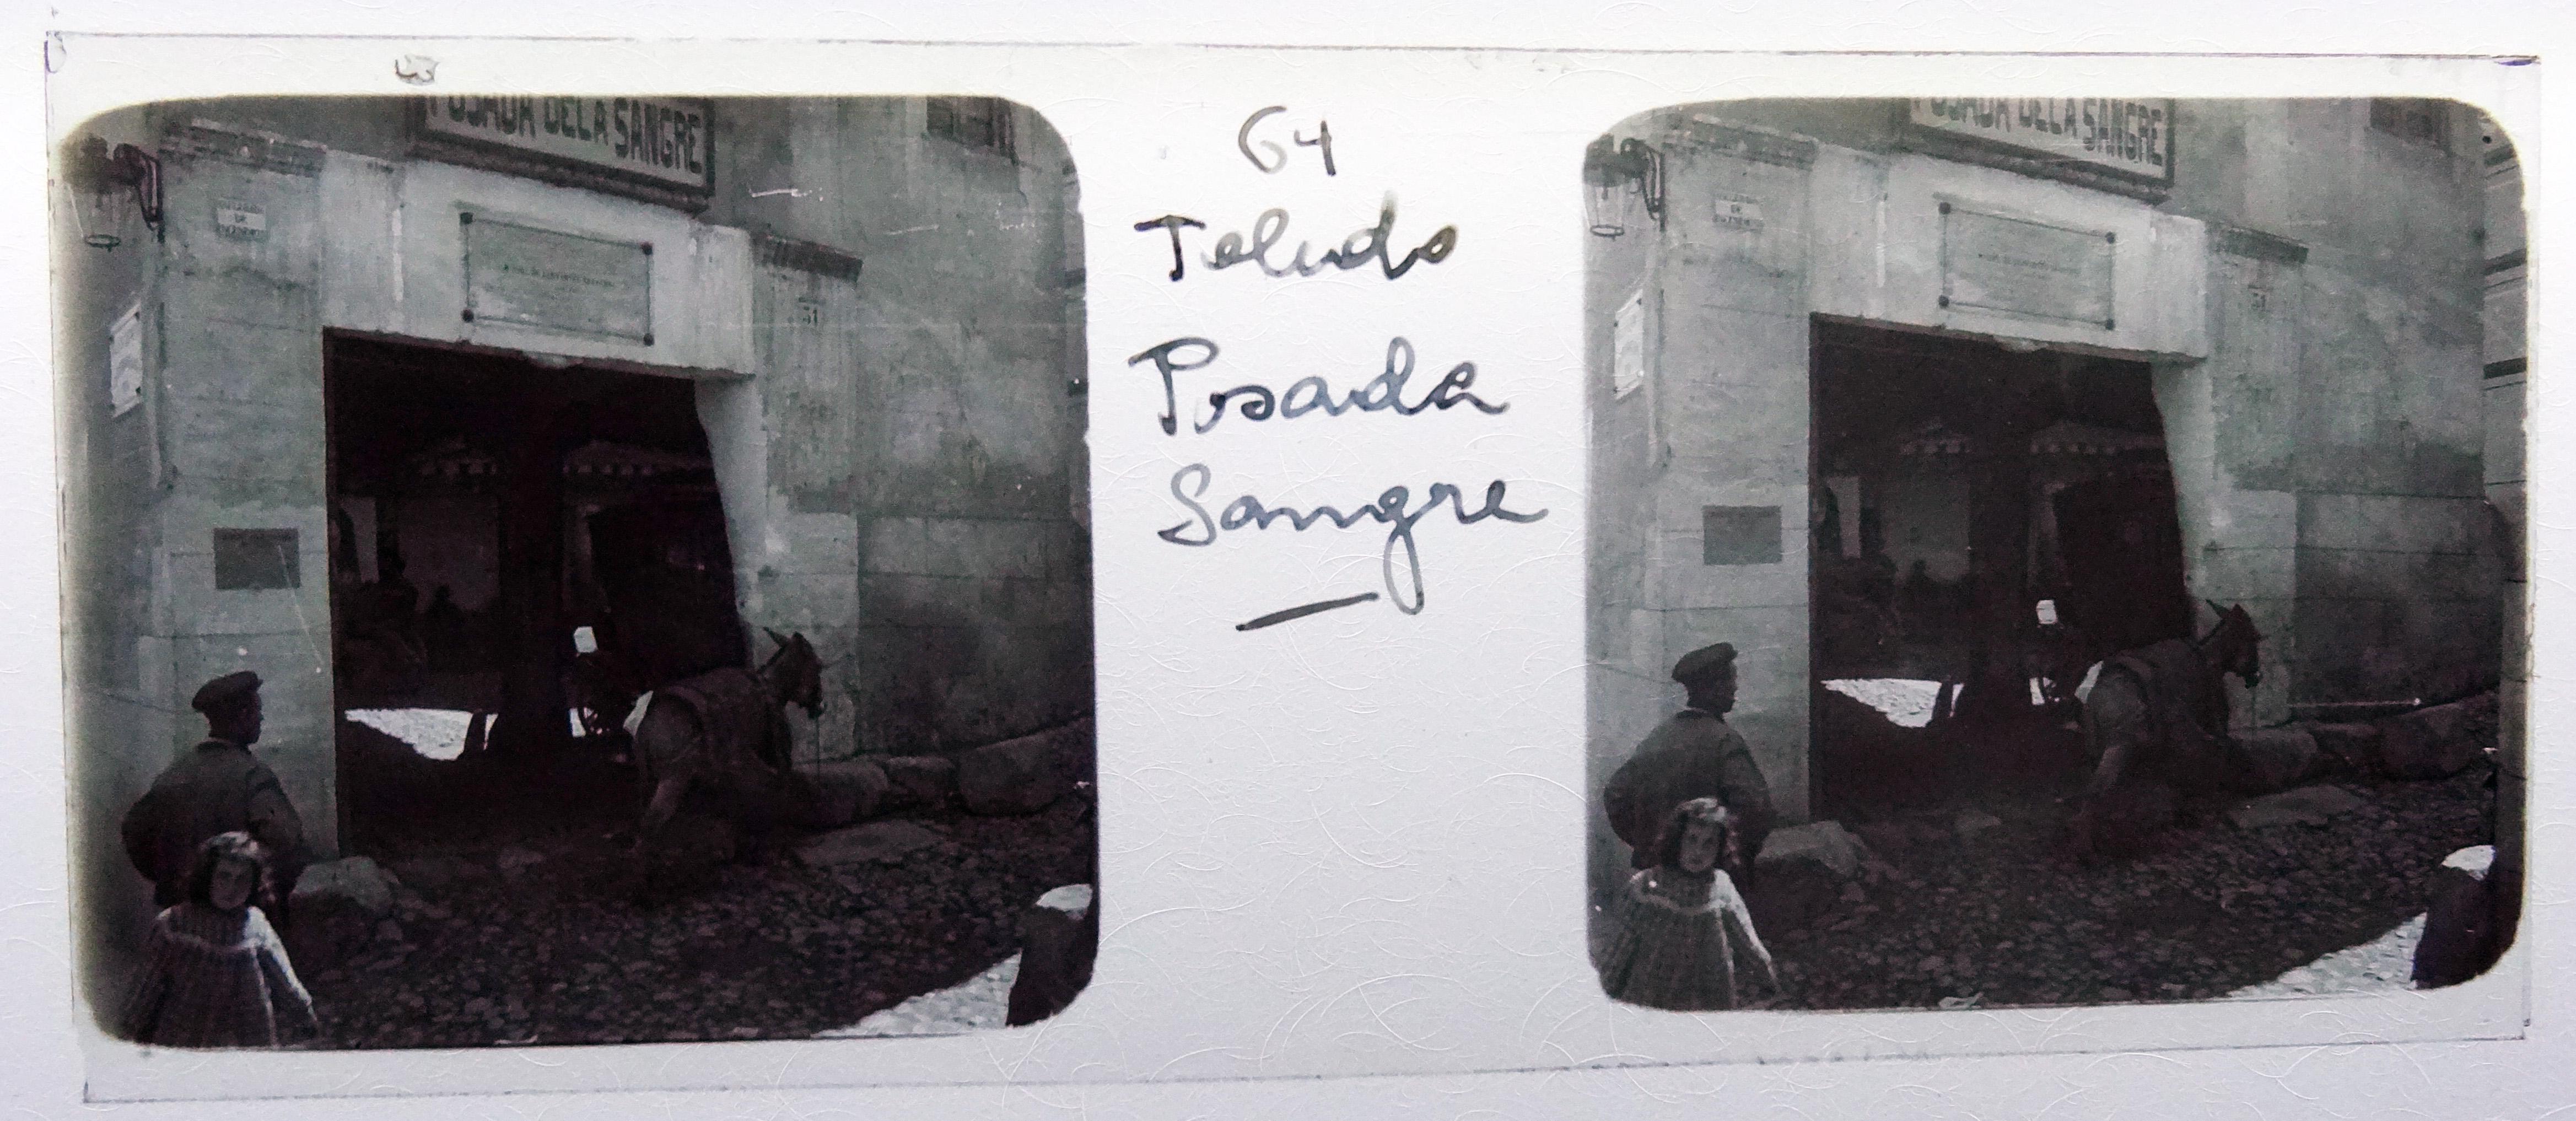 Posada de la Sangre. Fotografía de Francisco Rodríguez Avial hacia 1910 © Herederos de Francisco Rodríguez Avial